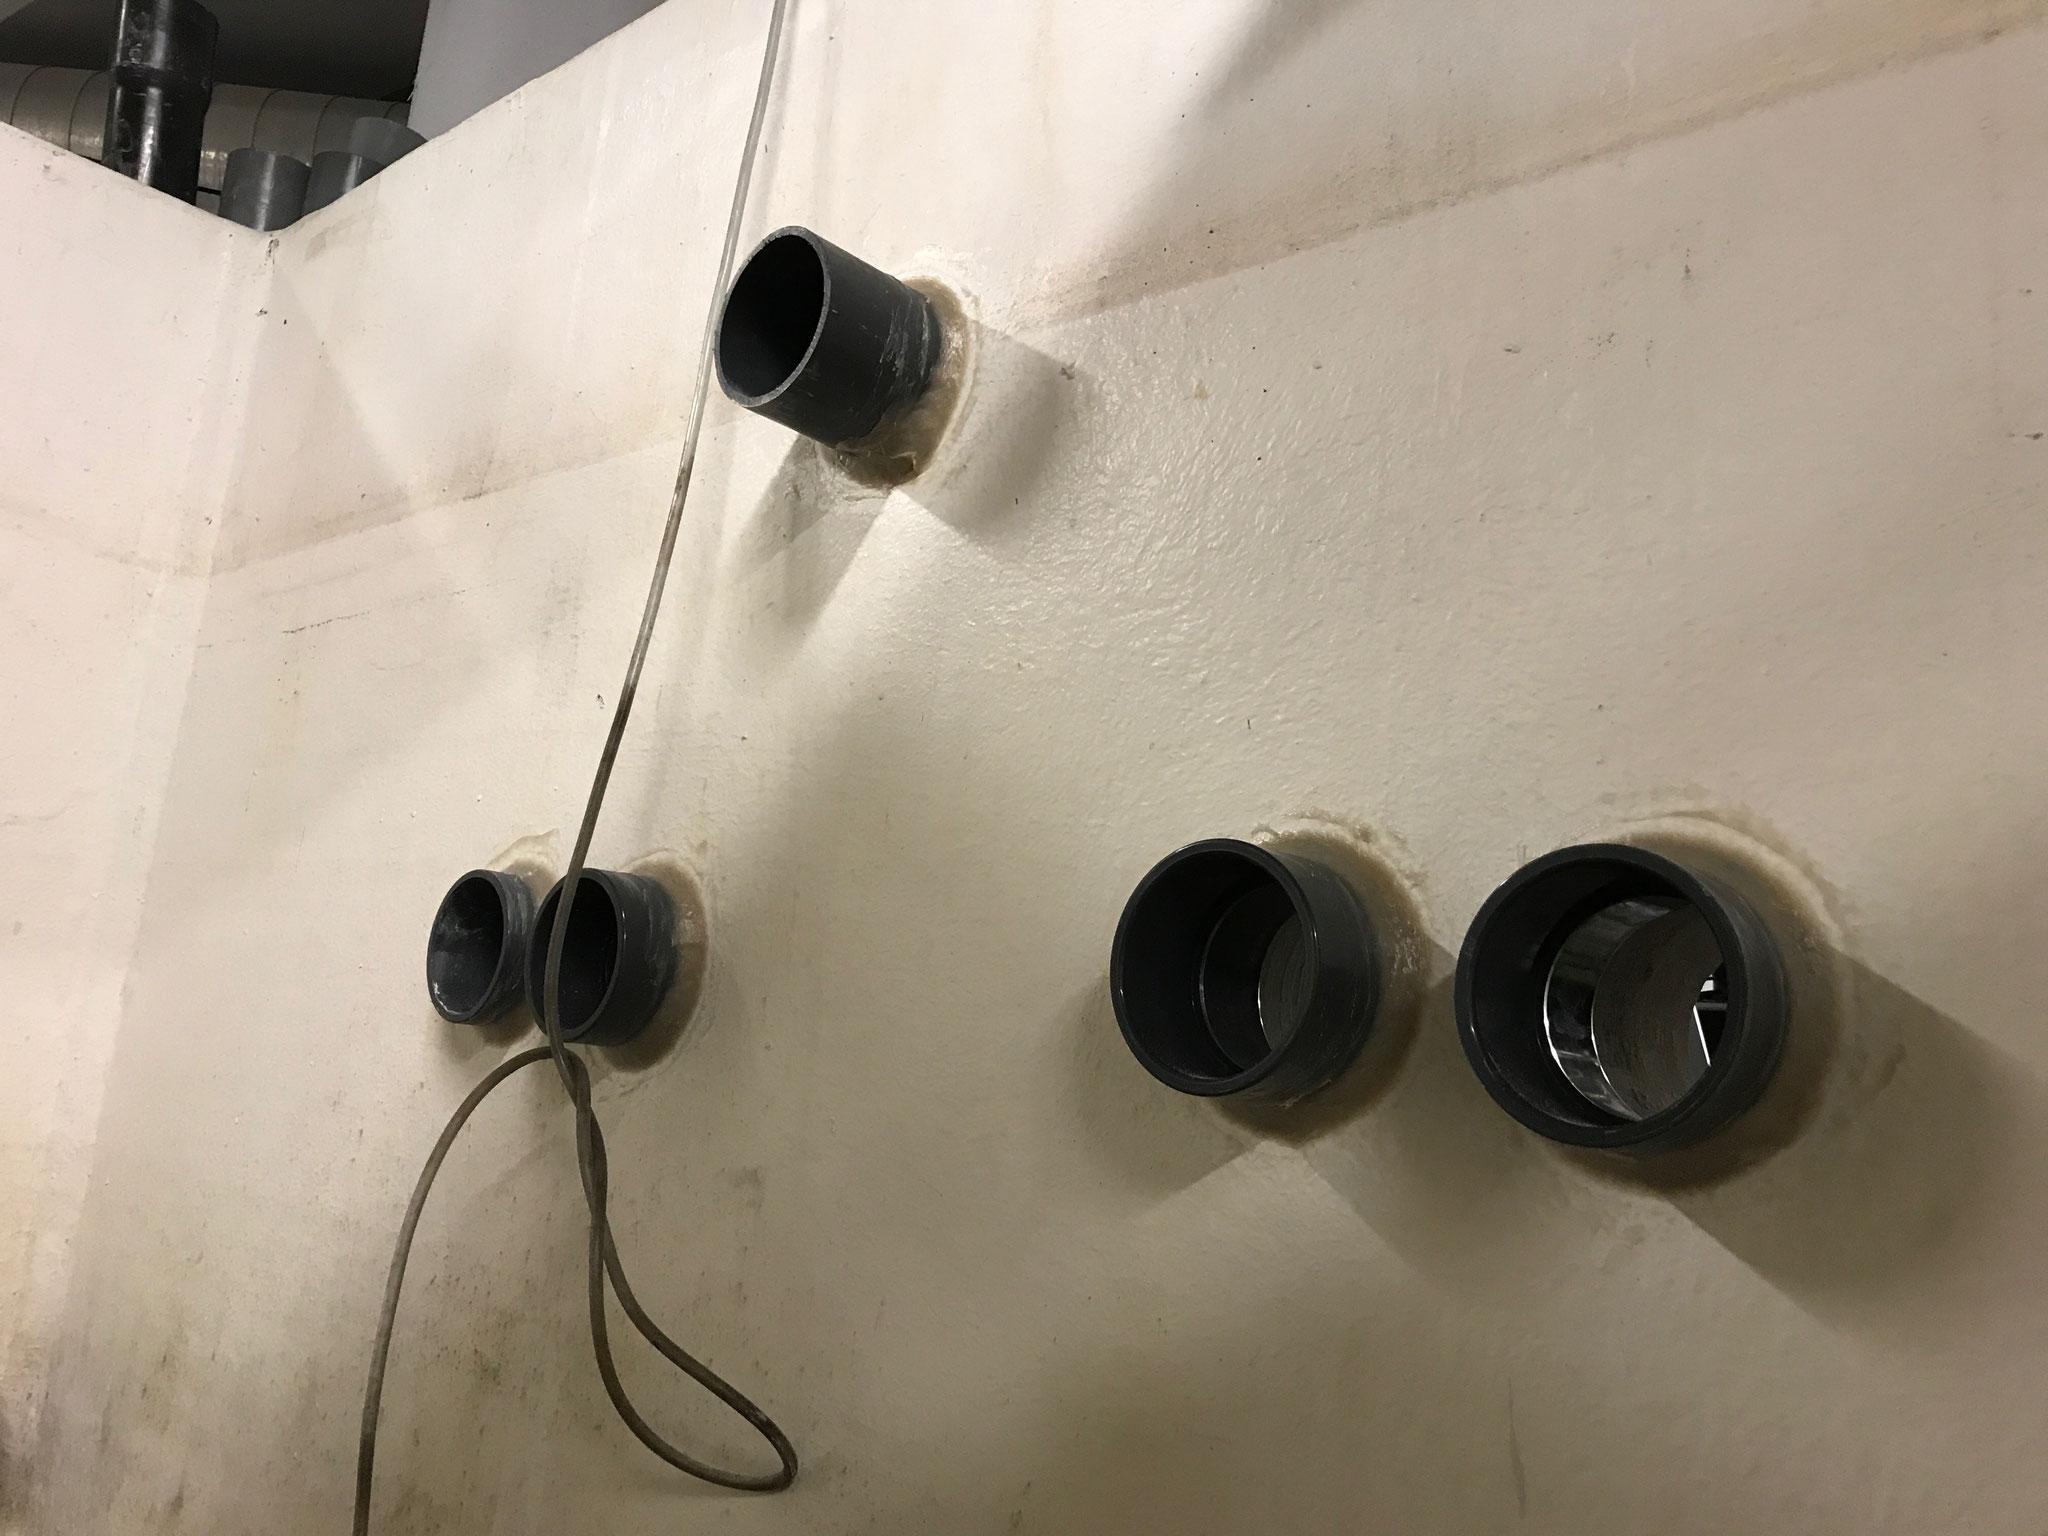 Application d'une colle fibre polyester sur manchon PVC dans une cuve de filtration d'eau.